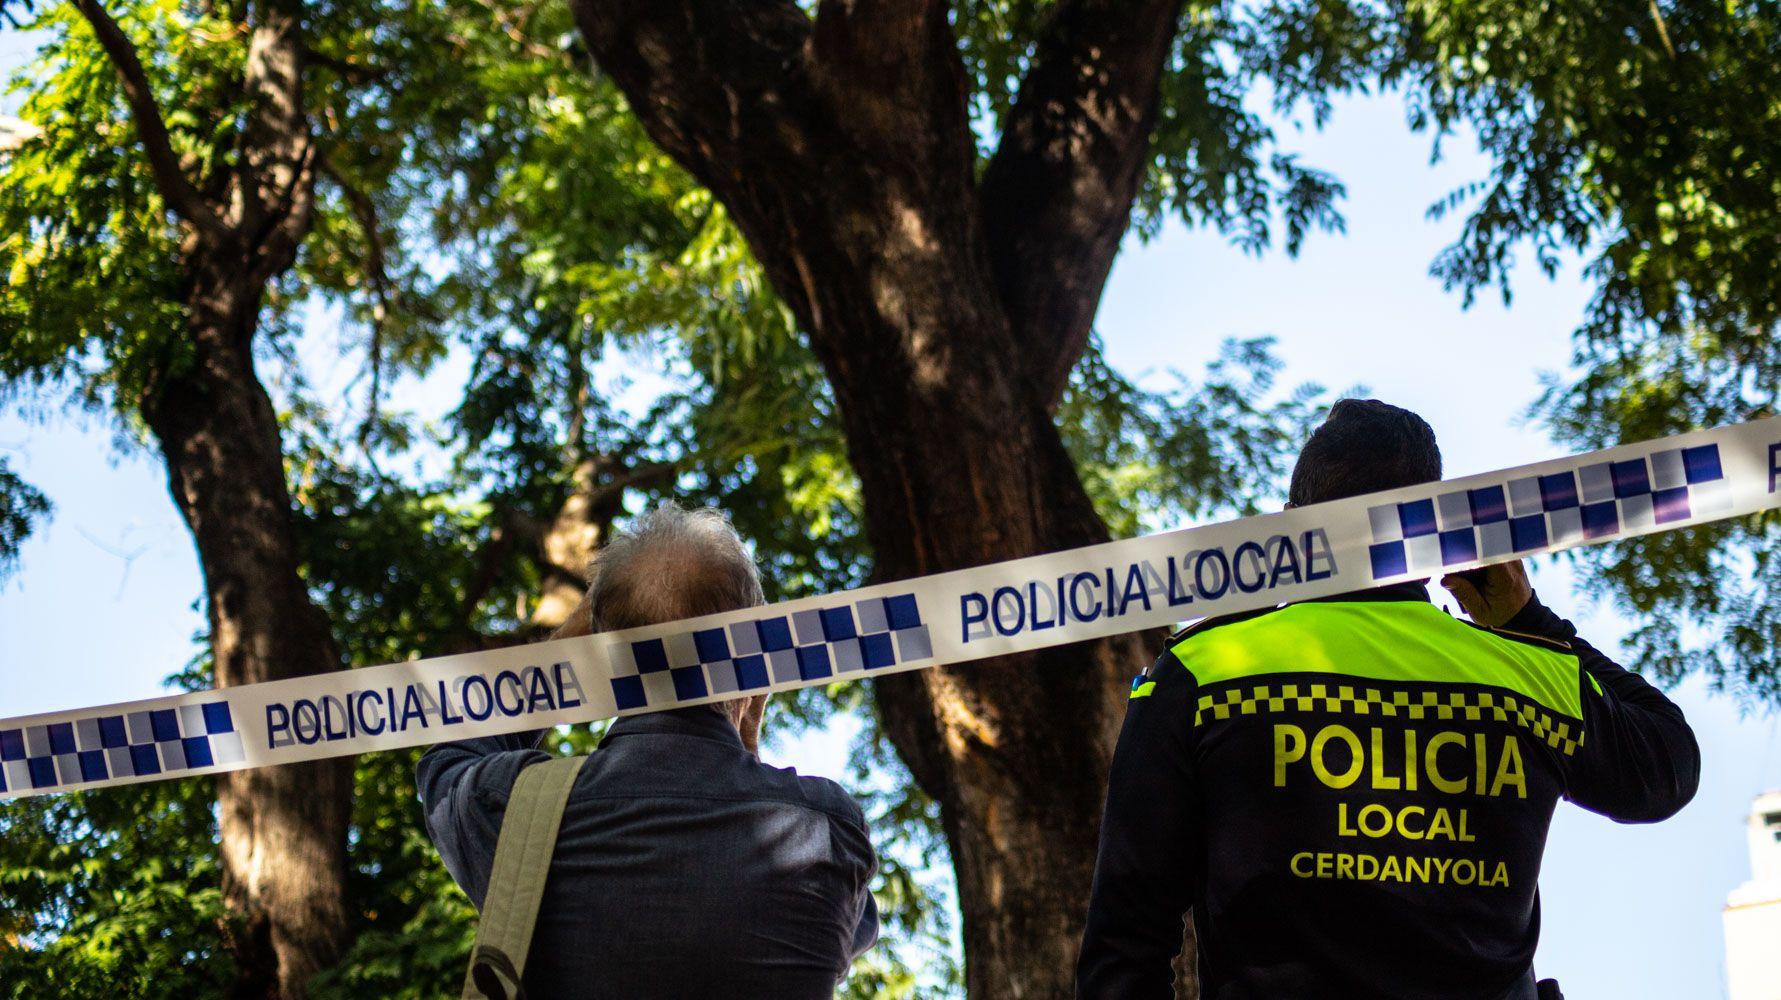 La policia local acordonant la zona afectada